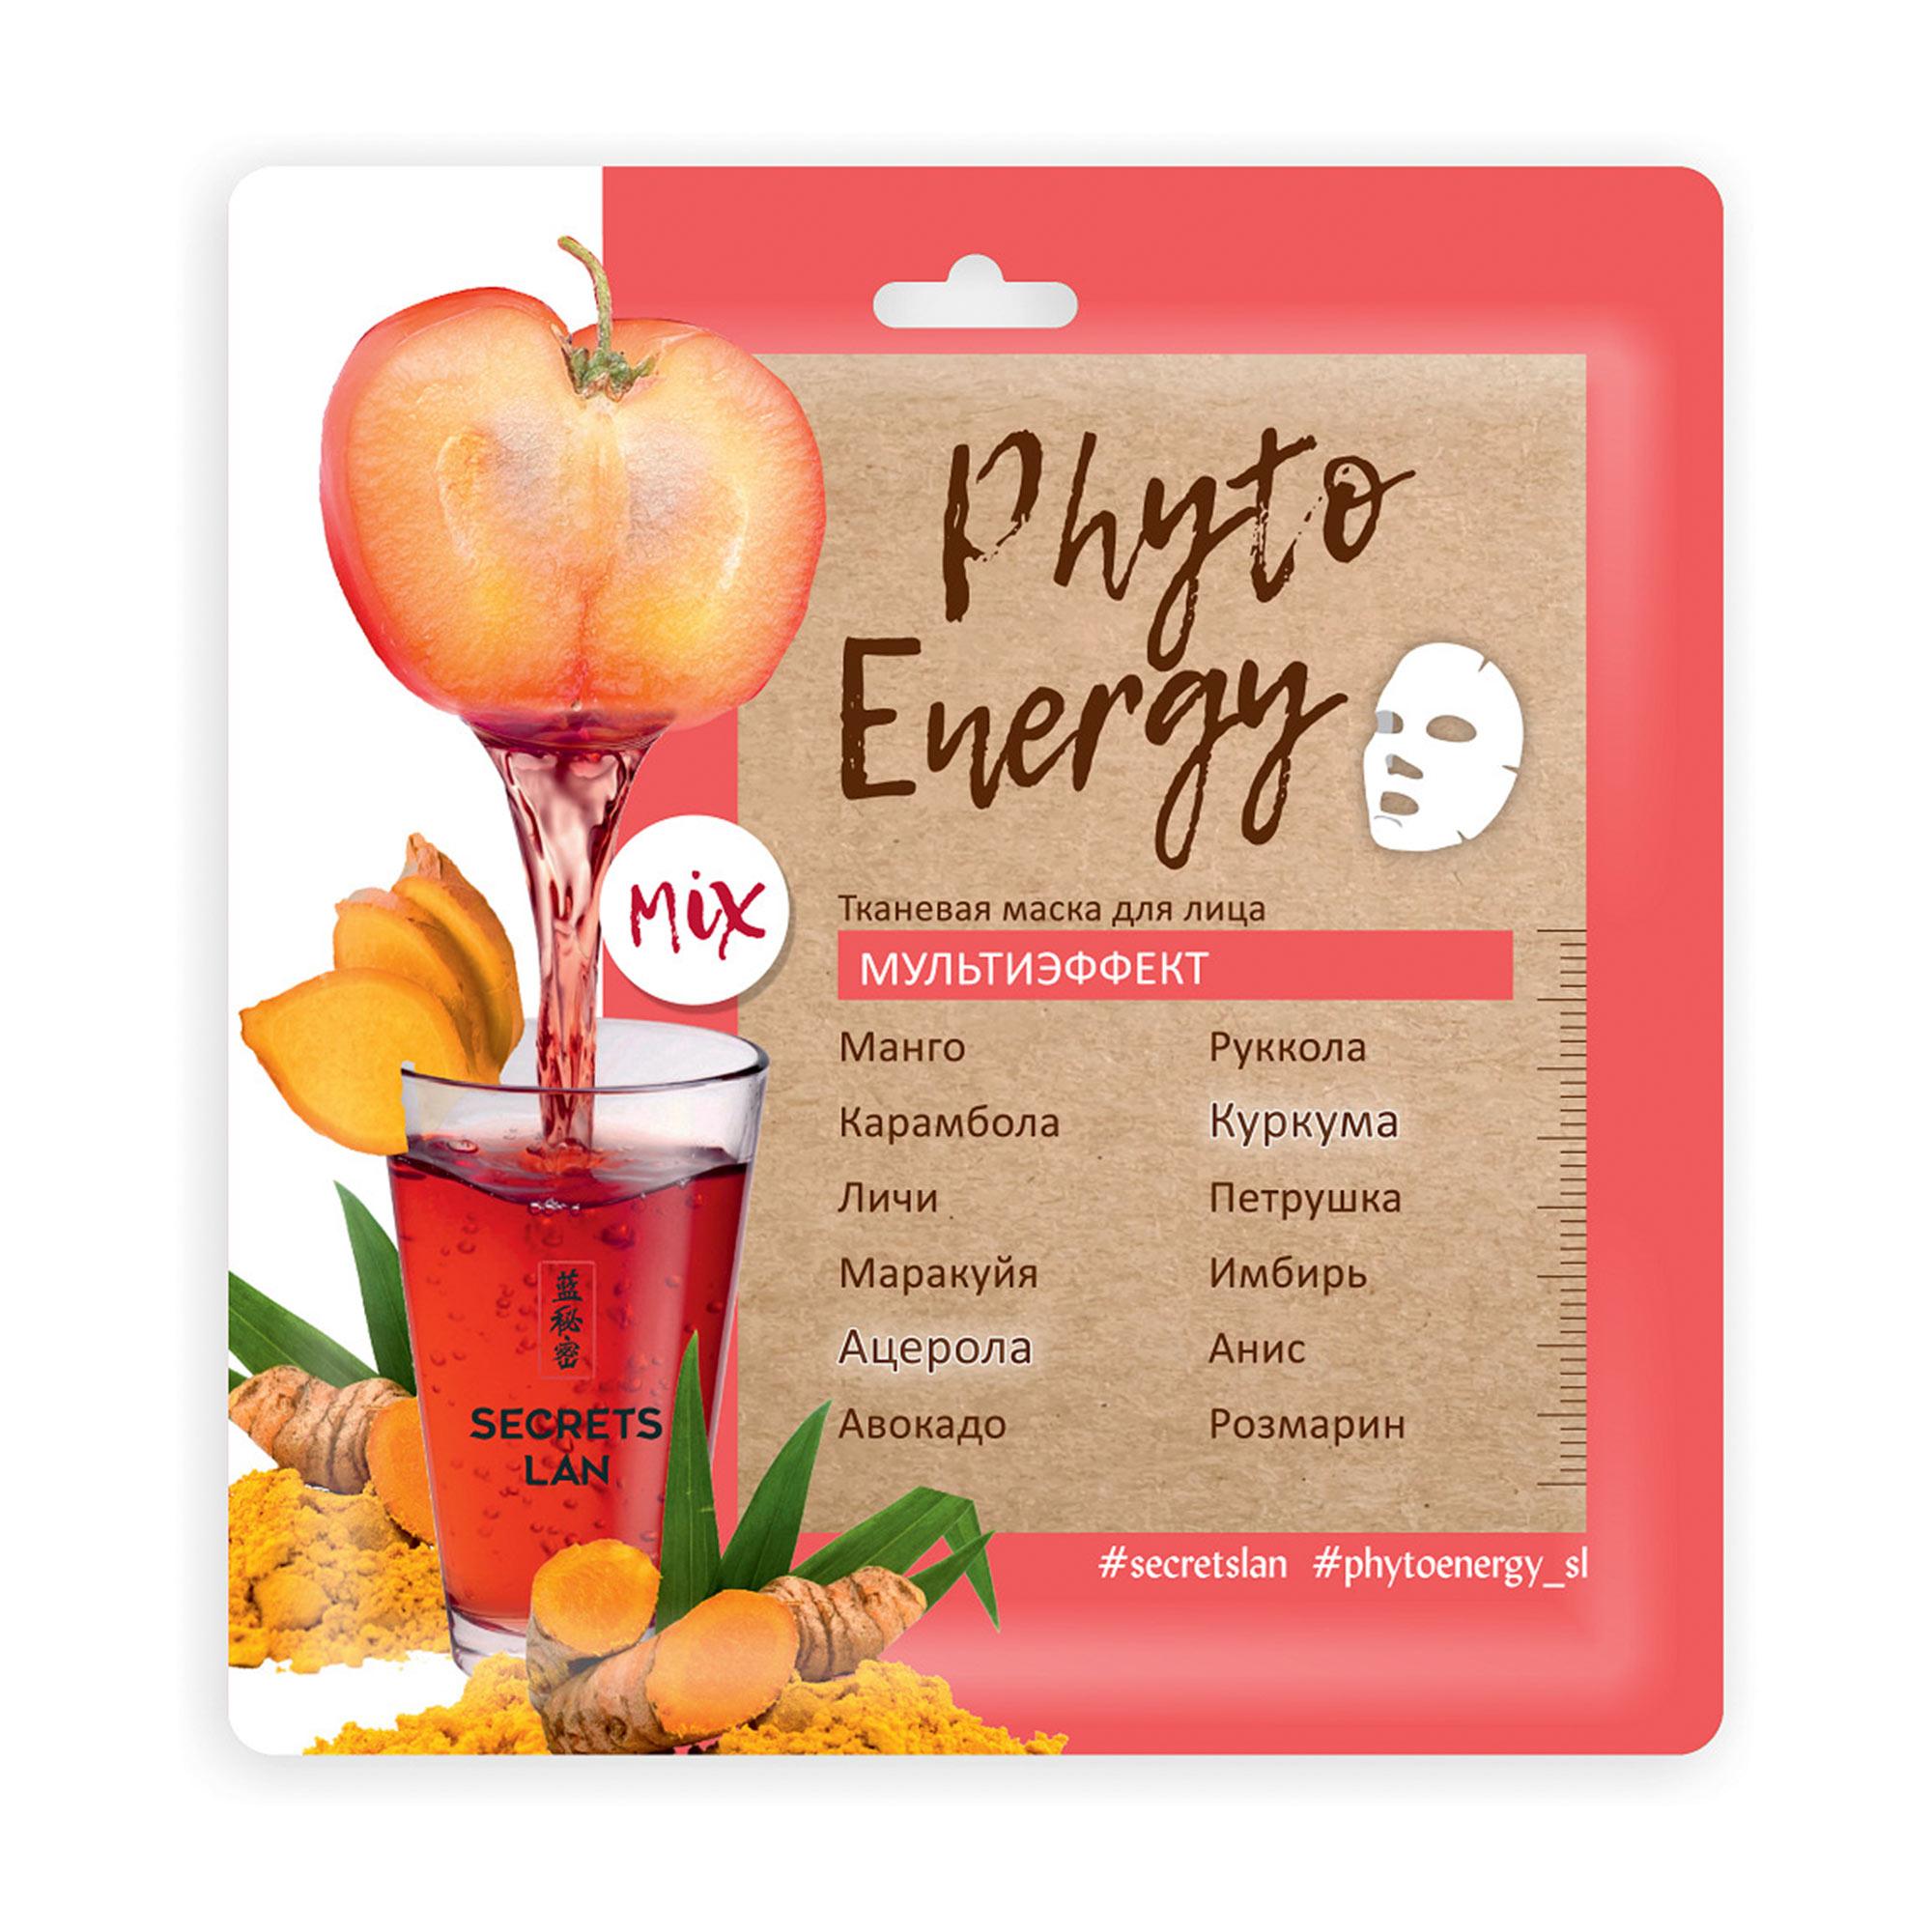 Тканевая маска для лица Secrets Lan Phyto Energy мультиэффект secrets lan пузырьковый микромассаж пенящаяся тканевая маска очищение и восстановление 30 г